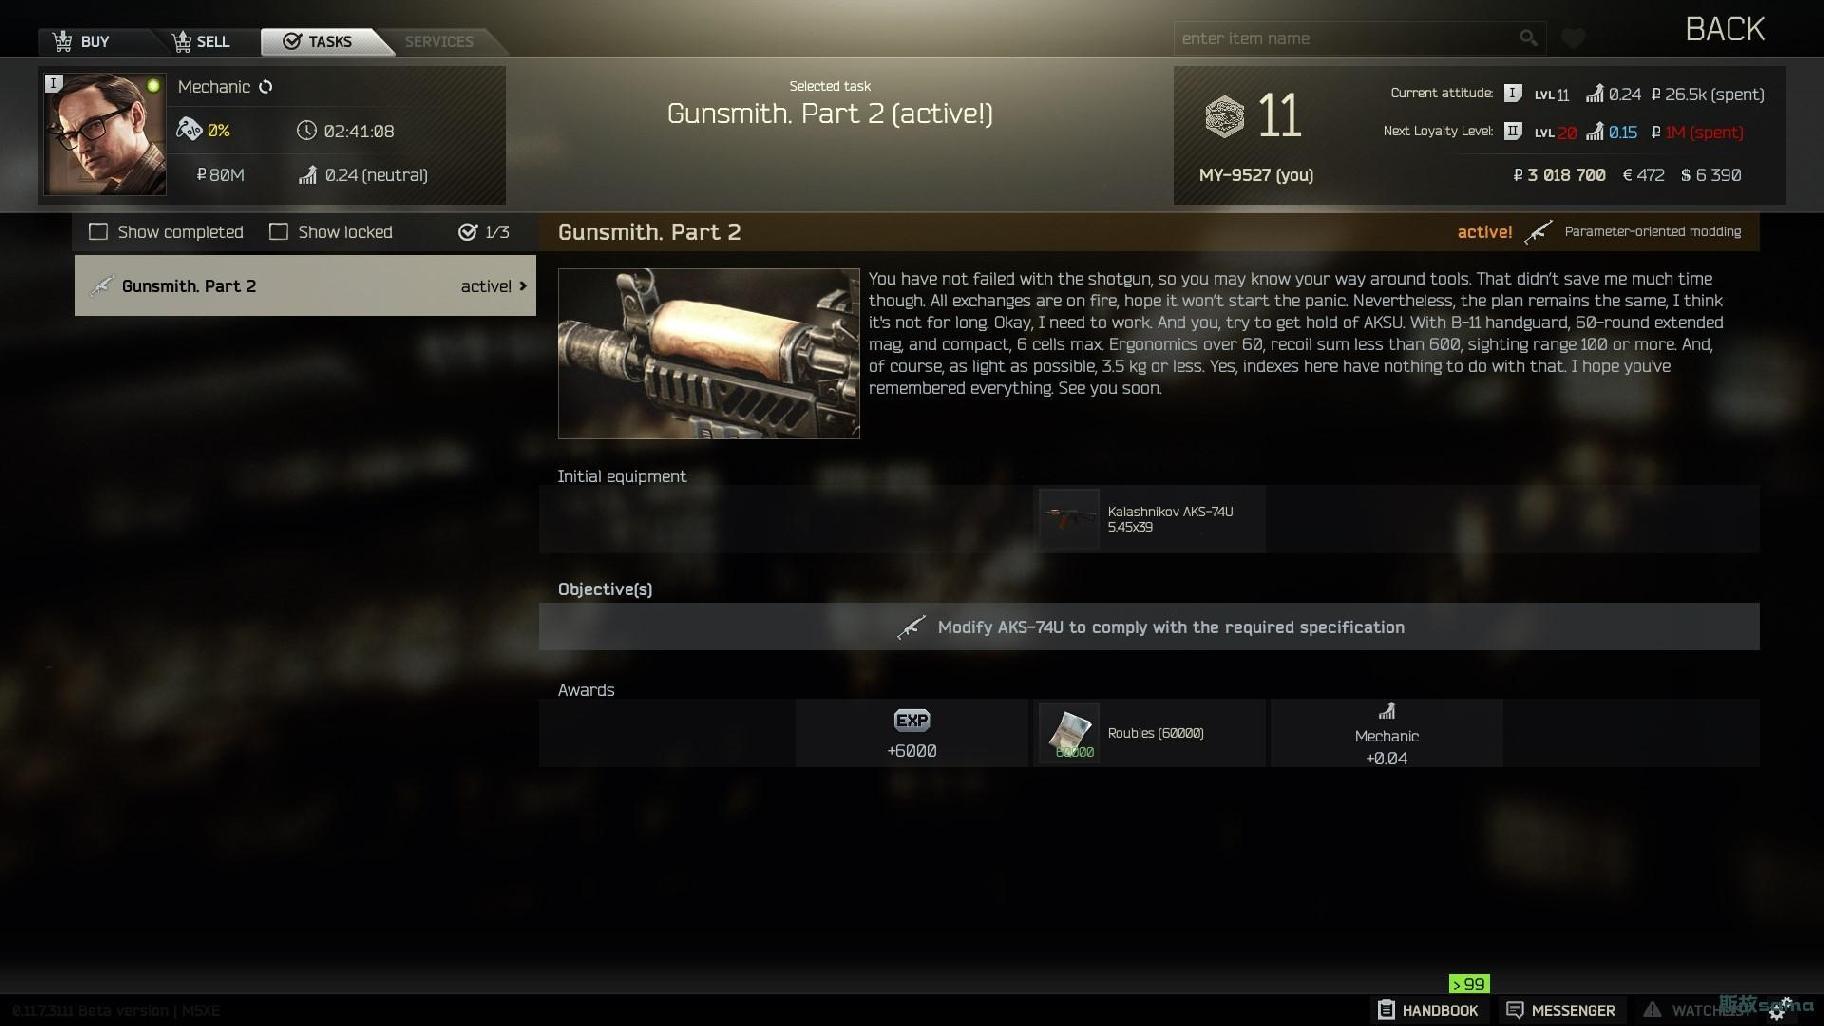 机械师-AKS-74U-文本